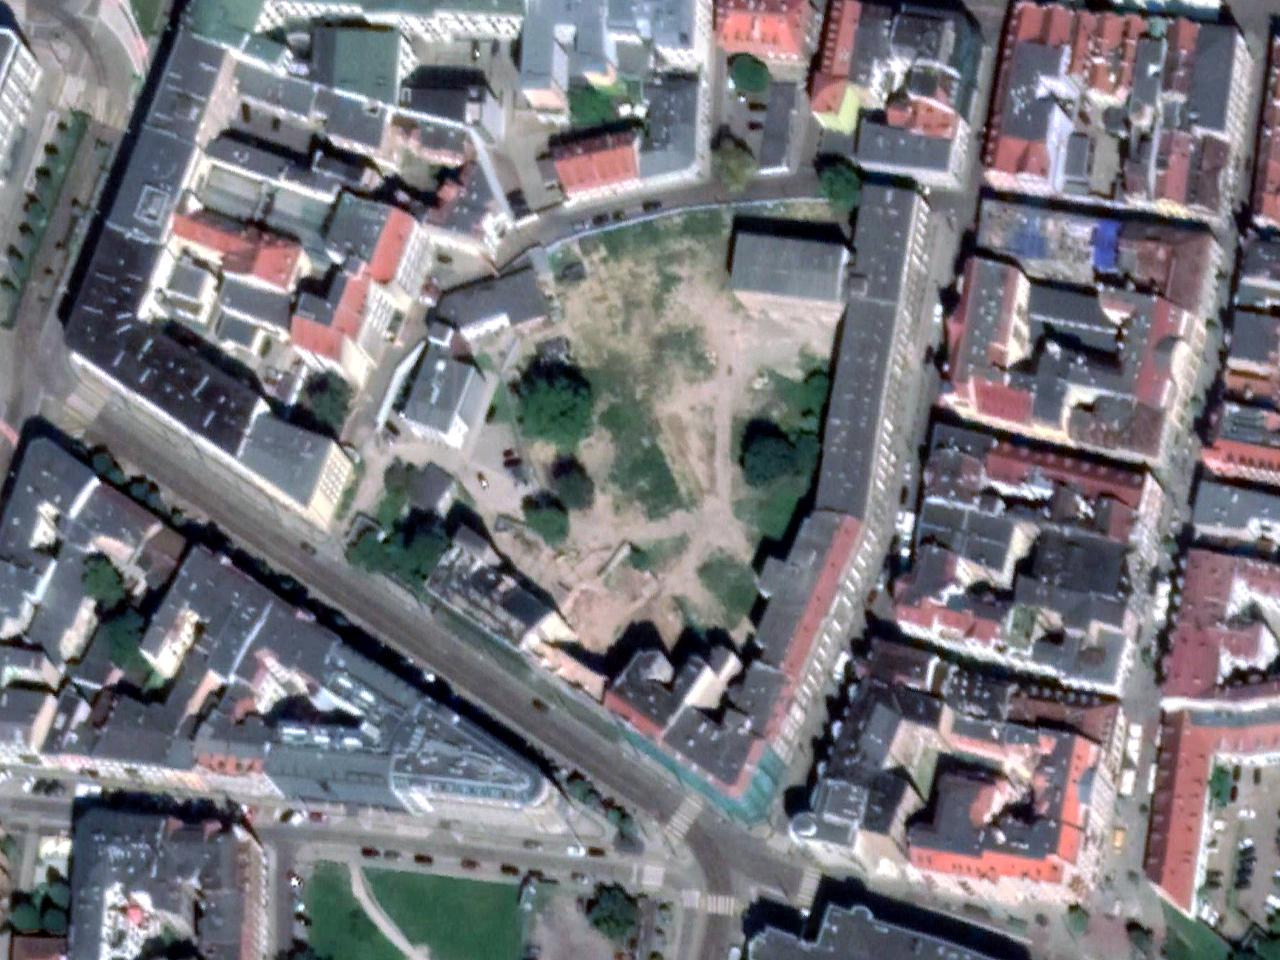 Stare Miasto, rejon ulicy Podgórnej, Szkolnej i Koziej. Duży poszpitalny kwartał zabudowy czeka na start budowy centrum senioralnego Orpea